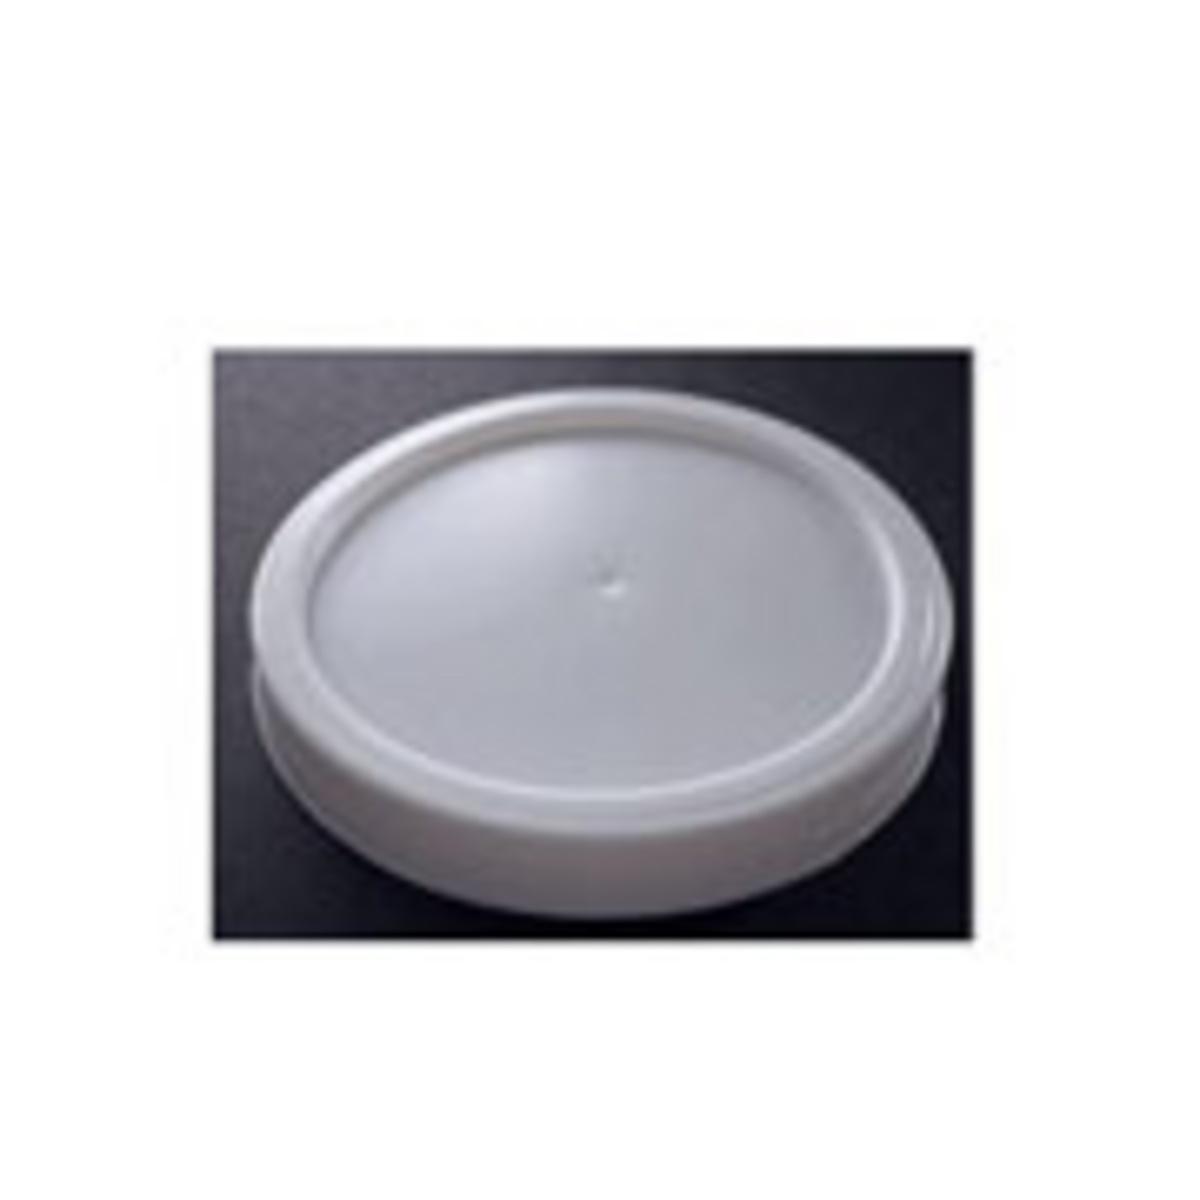 Couvercle plat pour gobelet 10 cl blanc plastique Ø 6,20 cm Hot Cup Huhtamaki (100 pièces)